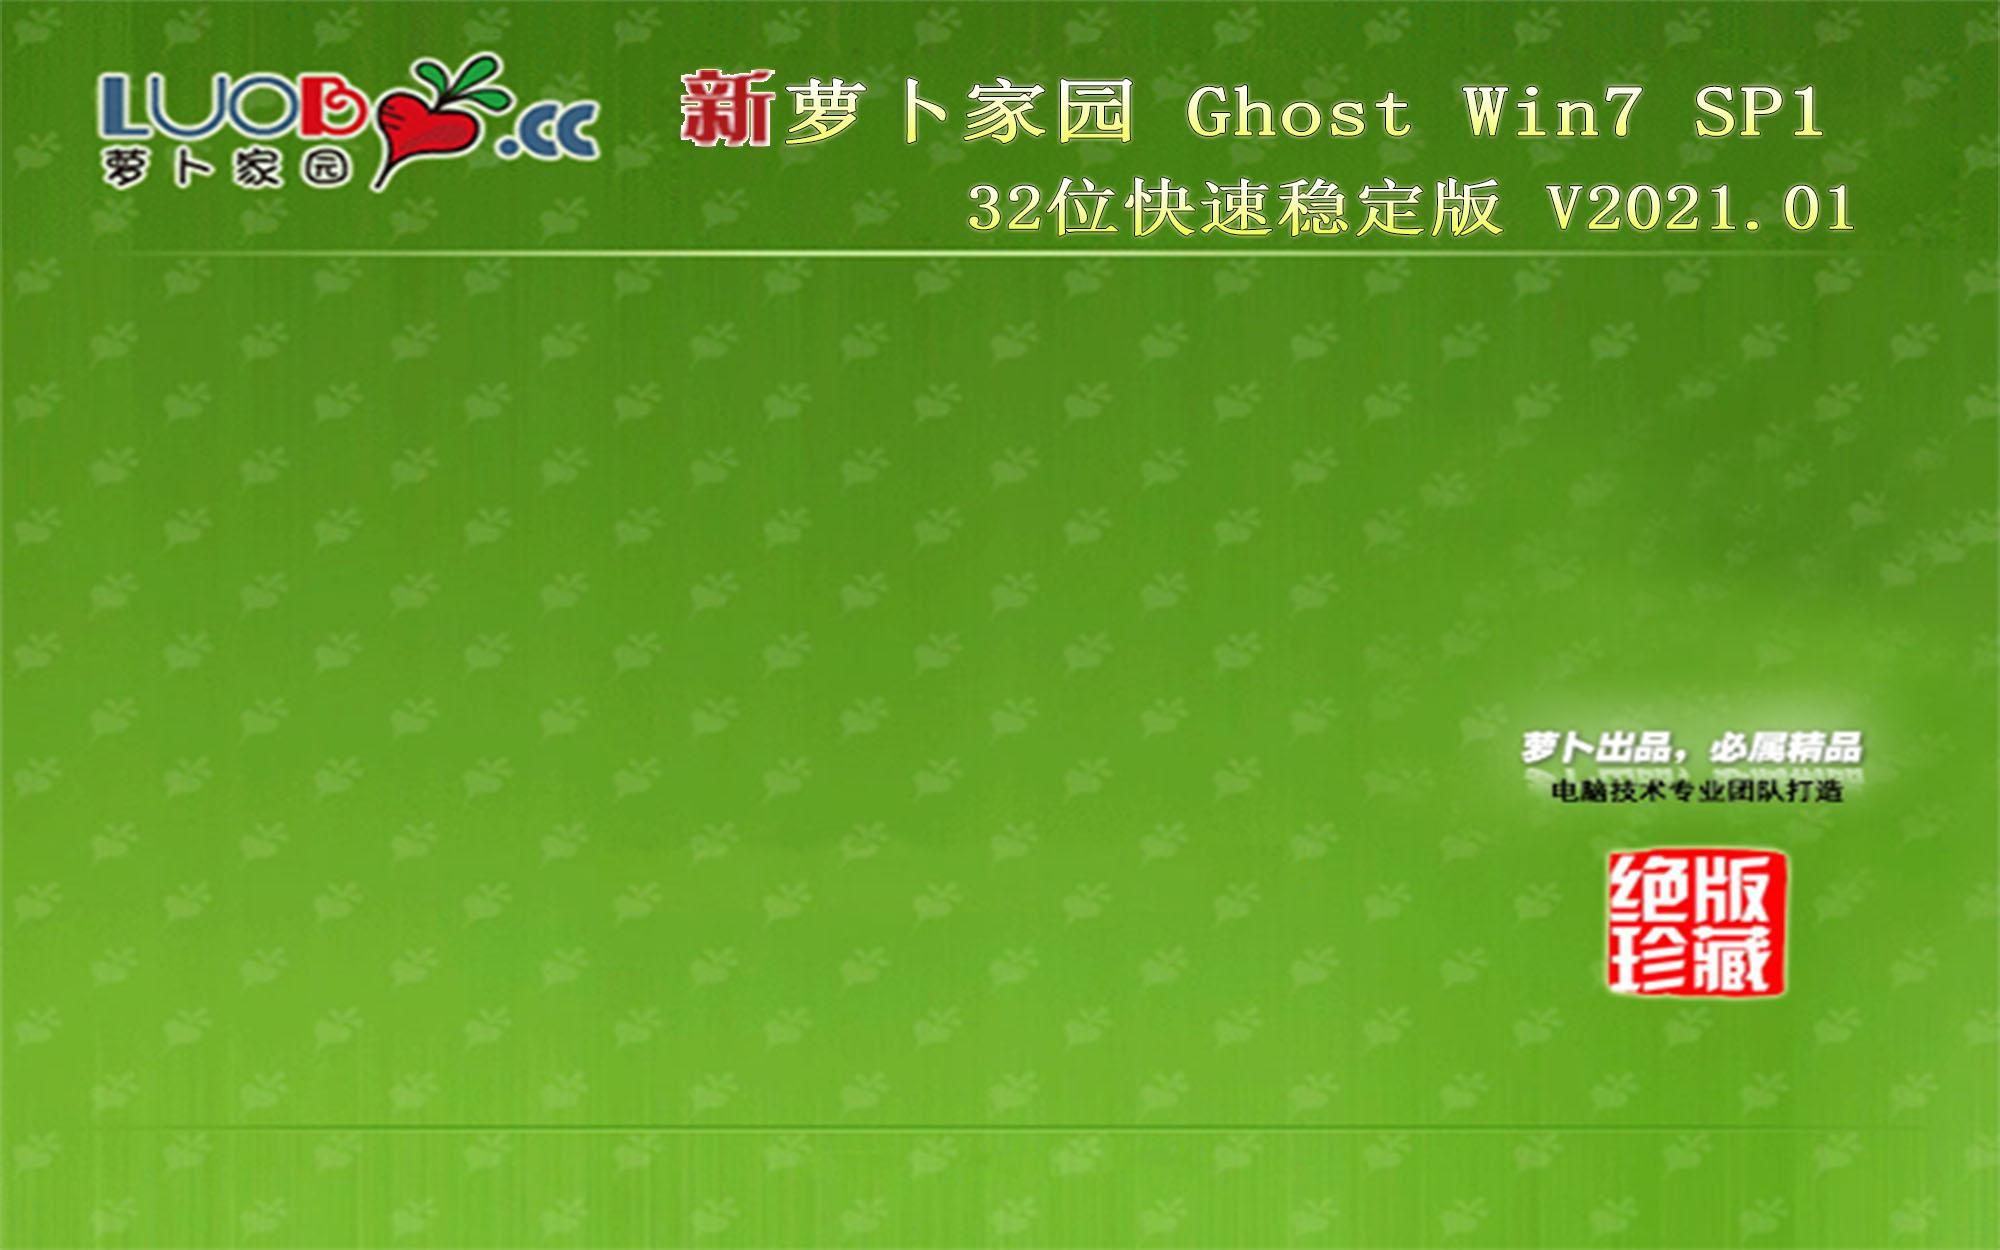 萝卜家园 GHOST WIN7 X86 快速稳定版 V2021.01